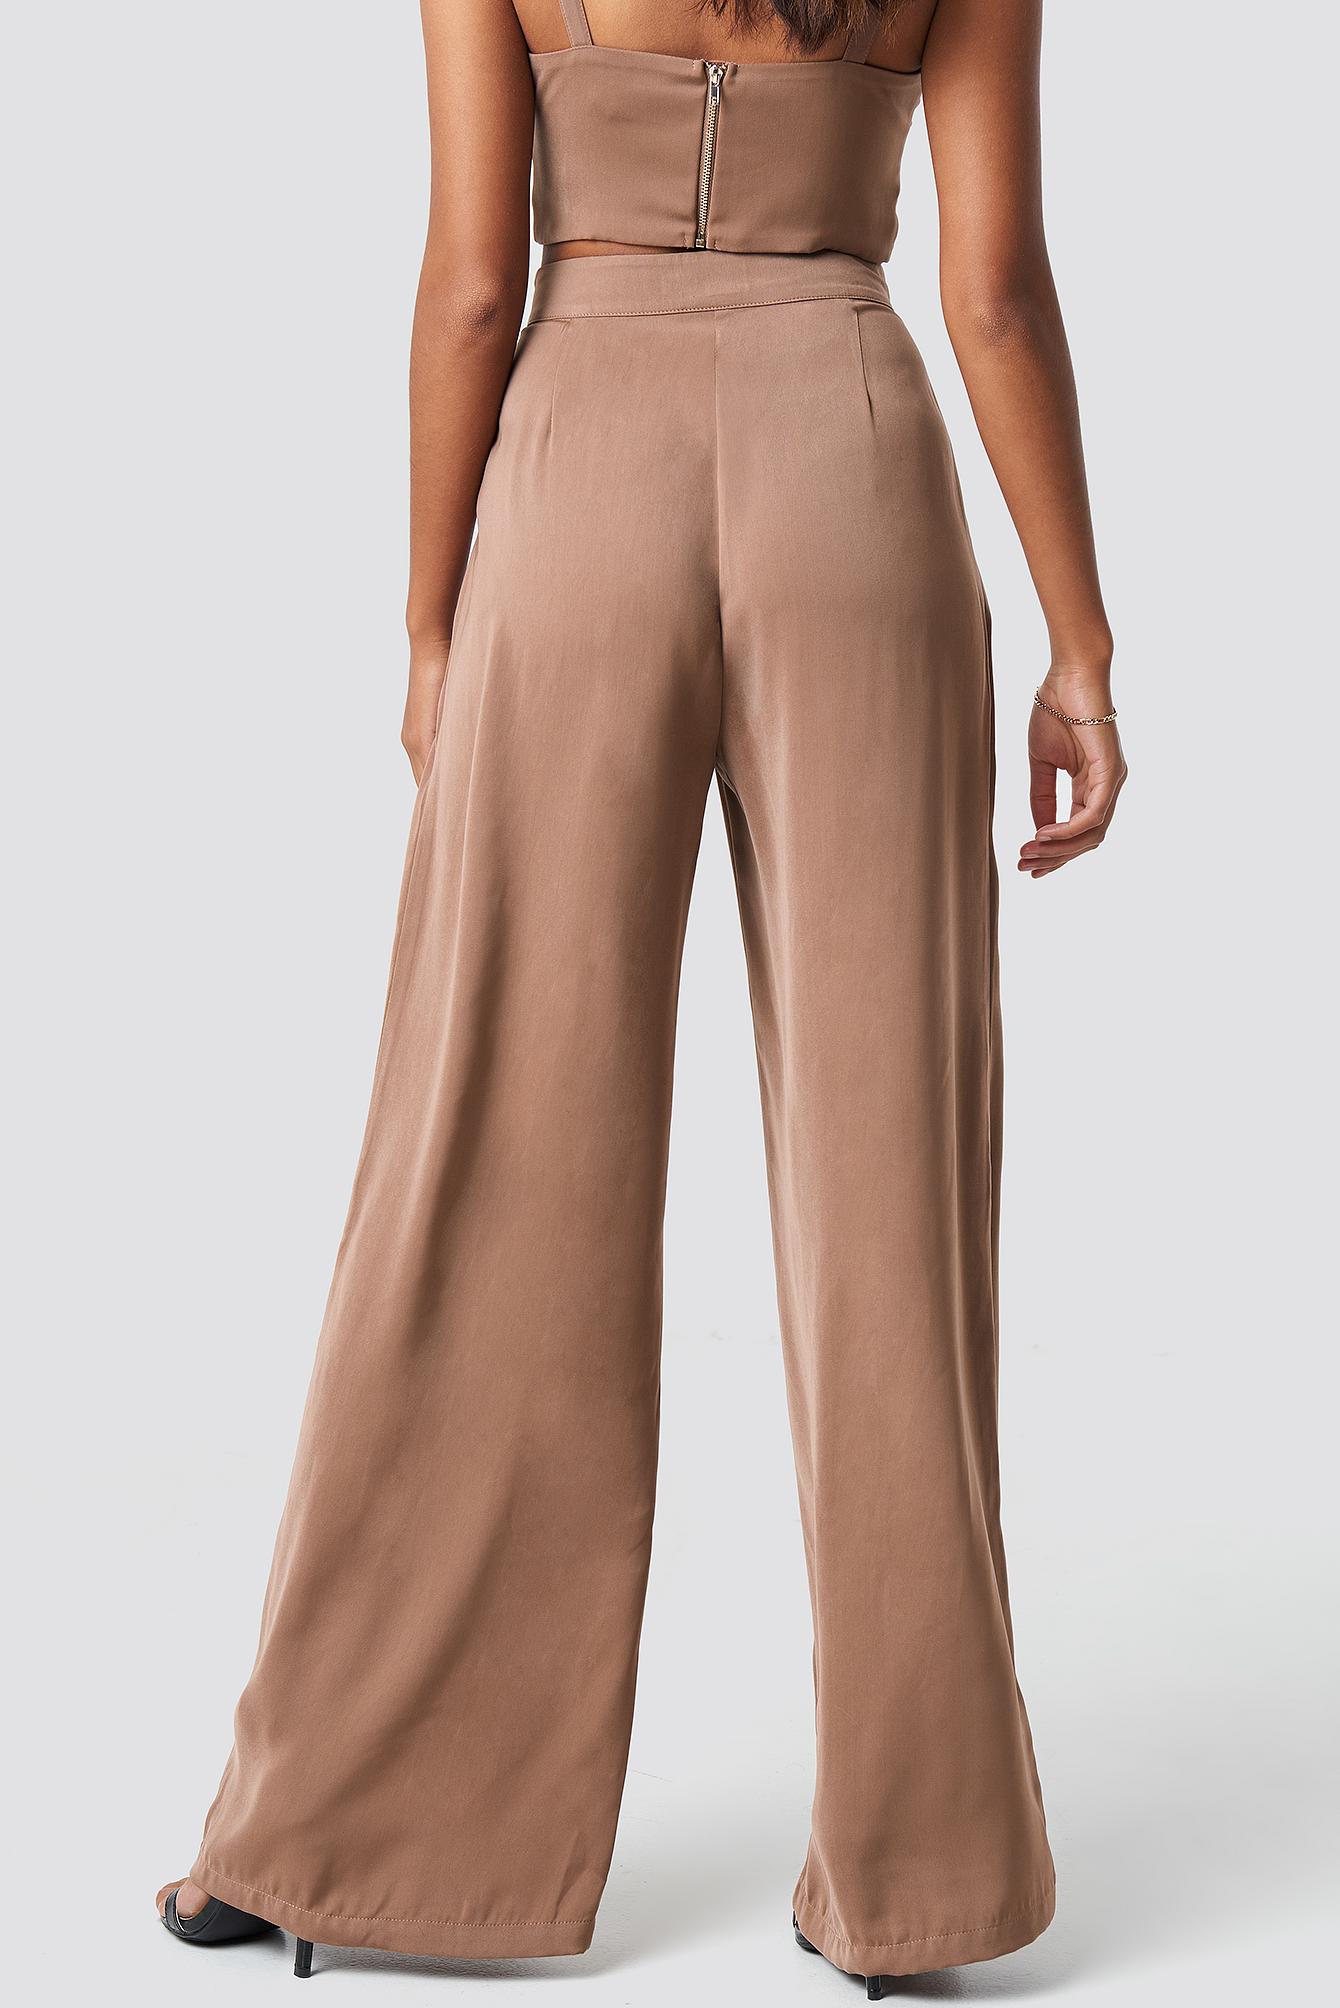 Ally Wide Pants NA-KD.COM